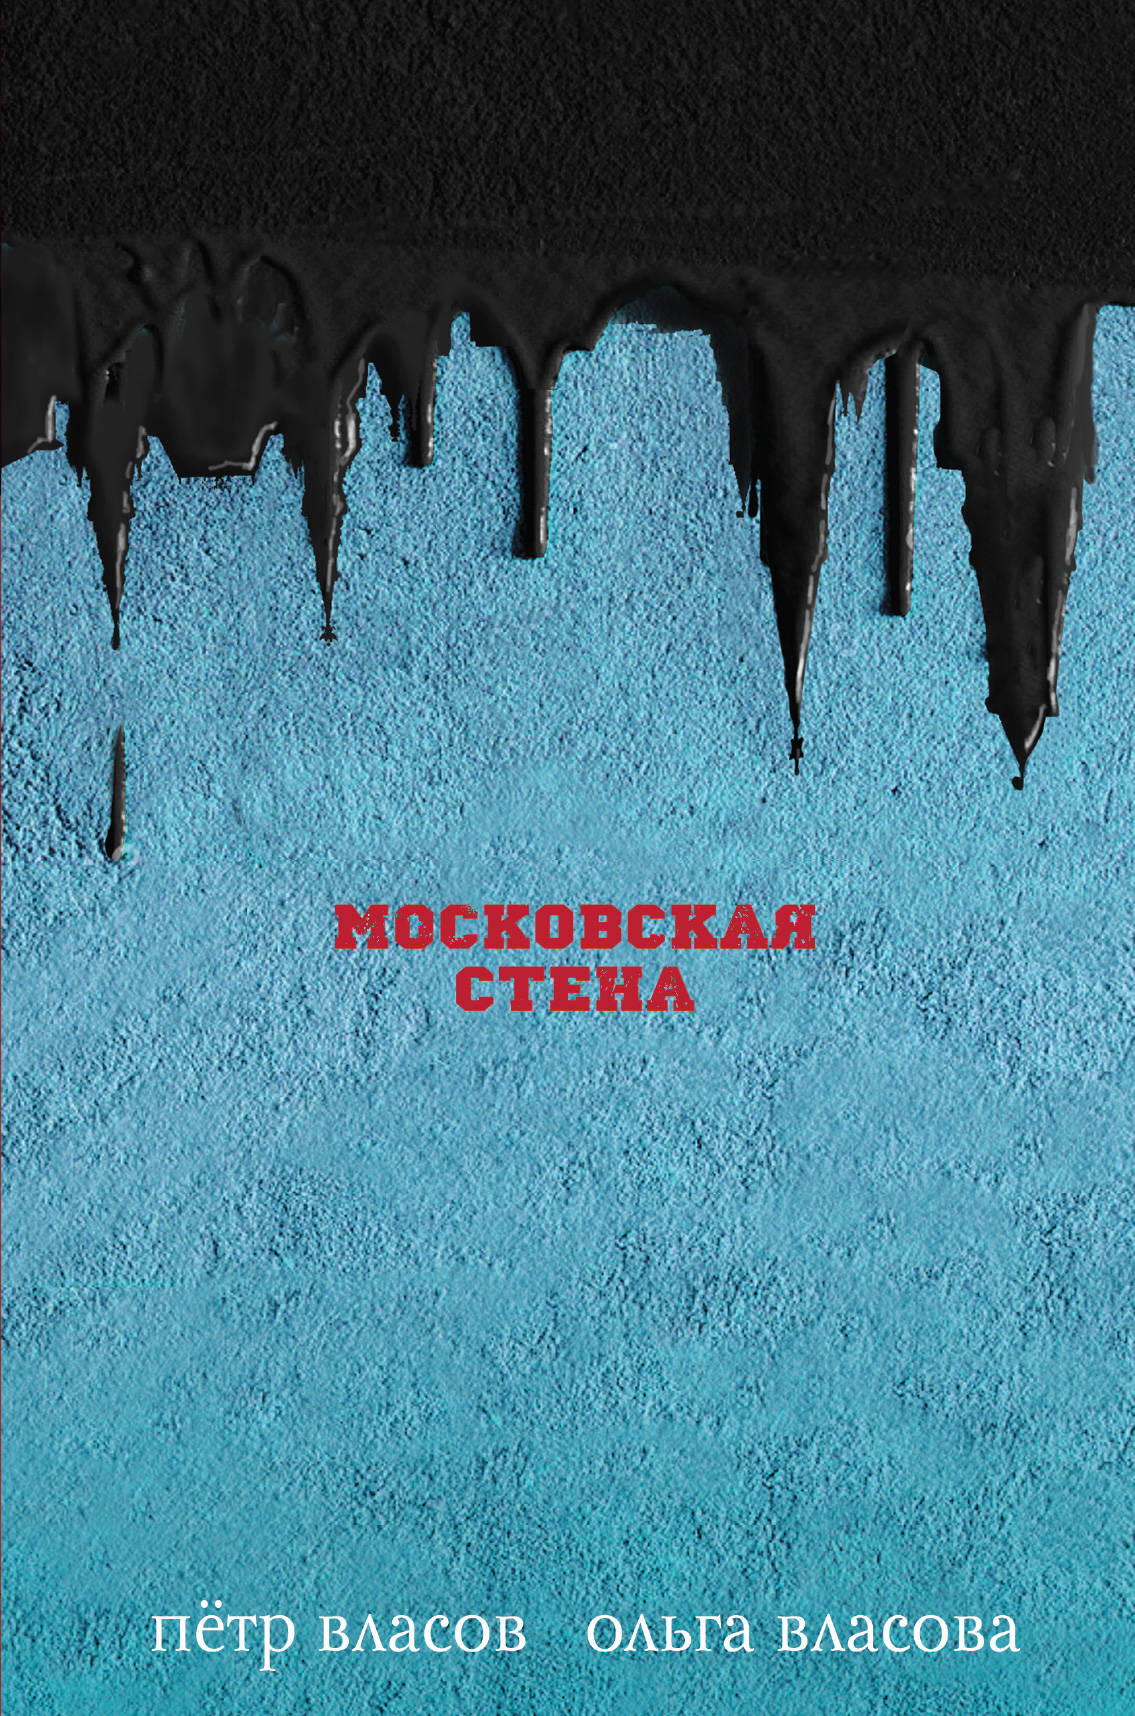 Moskovskaja stena